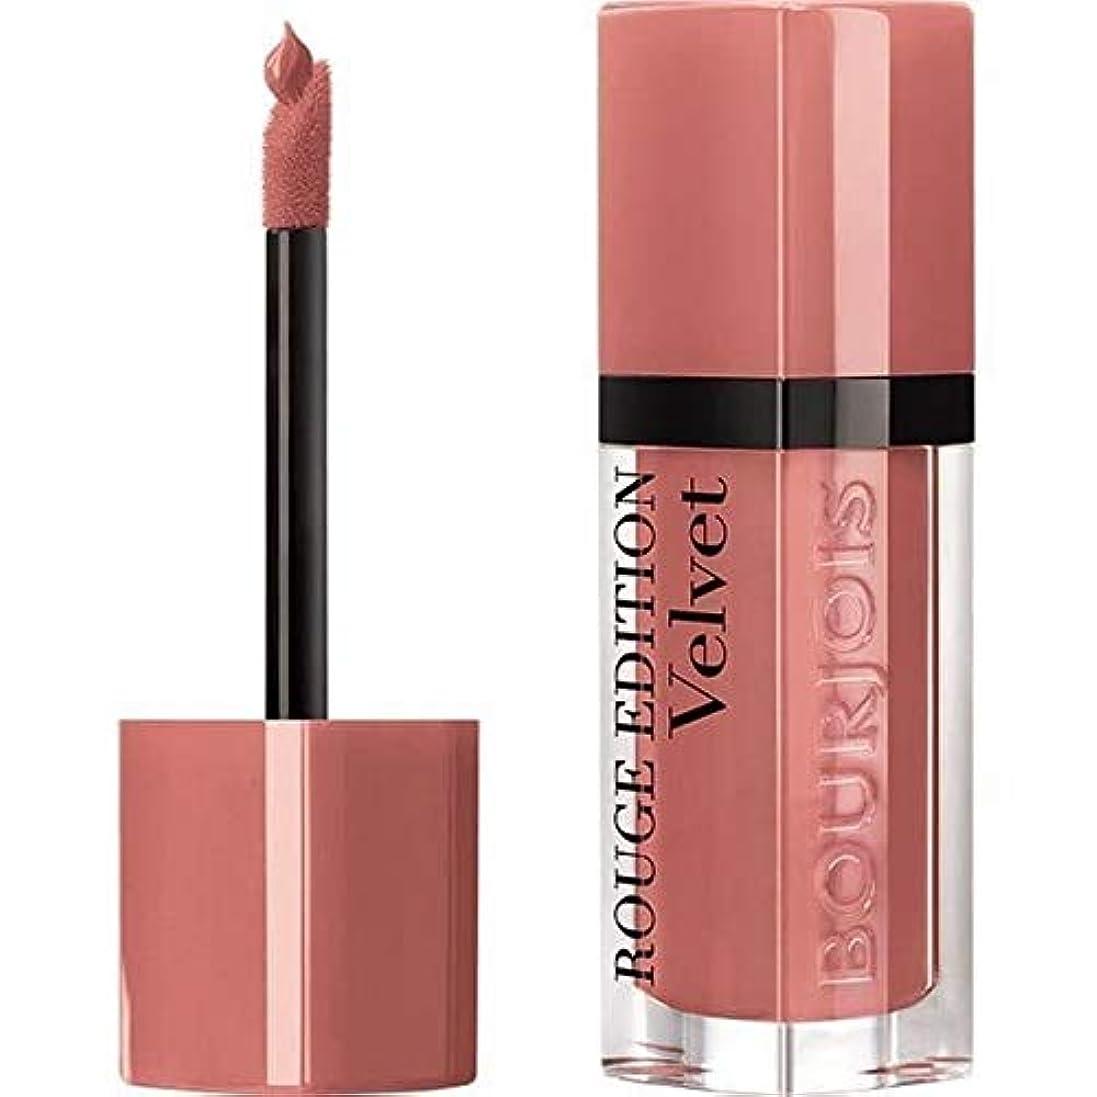 サイバースペース然としたフェッチ[Bourjois ] ブルジョワ液体口紅ルージュ版のベルベットのChocopink 28 - Bourjois Liquid Lipstick Rouge Edition Velvet Chocopink 28 [並行輸入品]